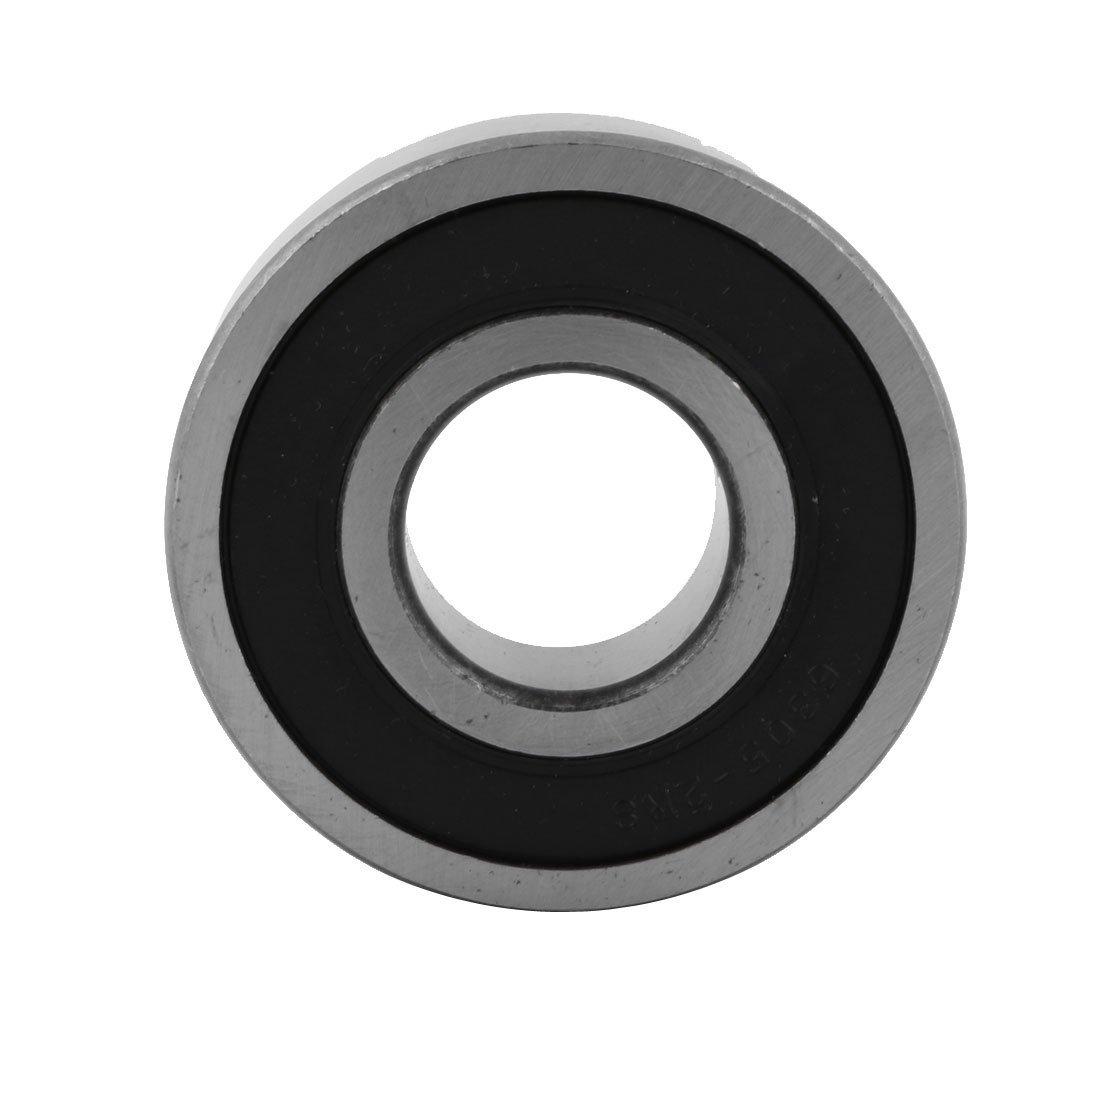 2pcs eDealMax 25mmx62mmx17mm 2 Sellos de plástico ranura profunda rodamientos de Bolas del balanceo S6305Z: Amazon.com: Industrial & Scientific